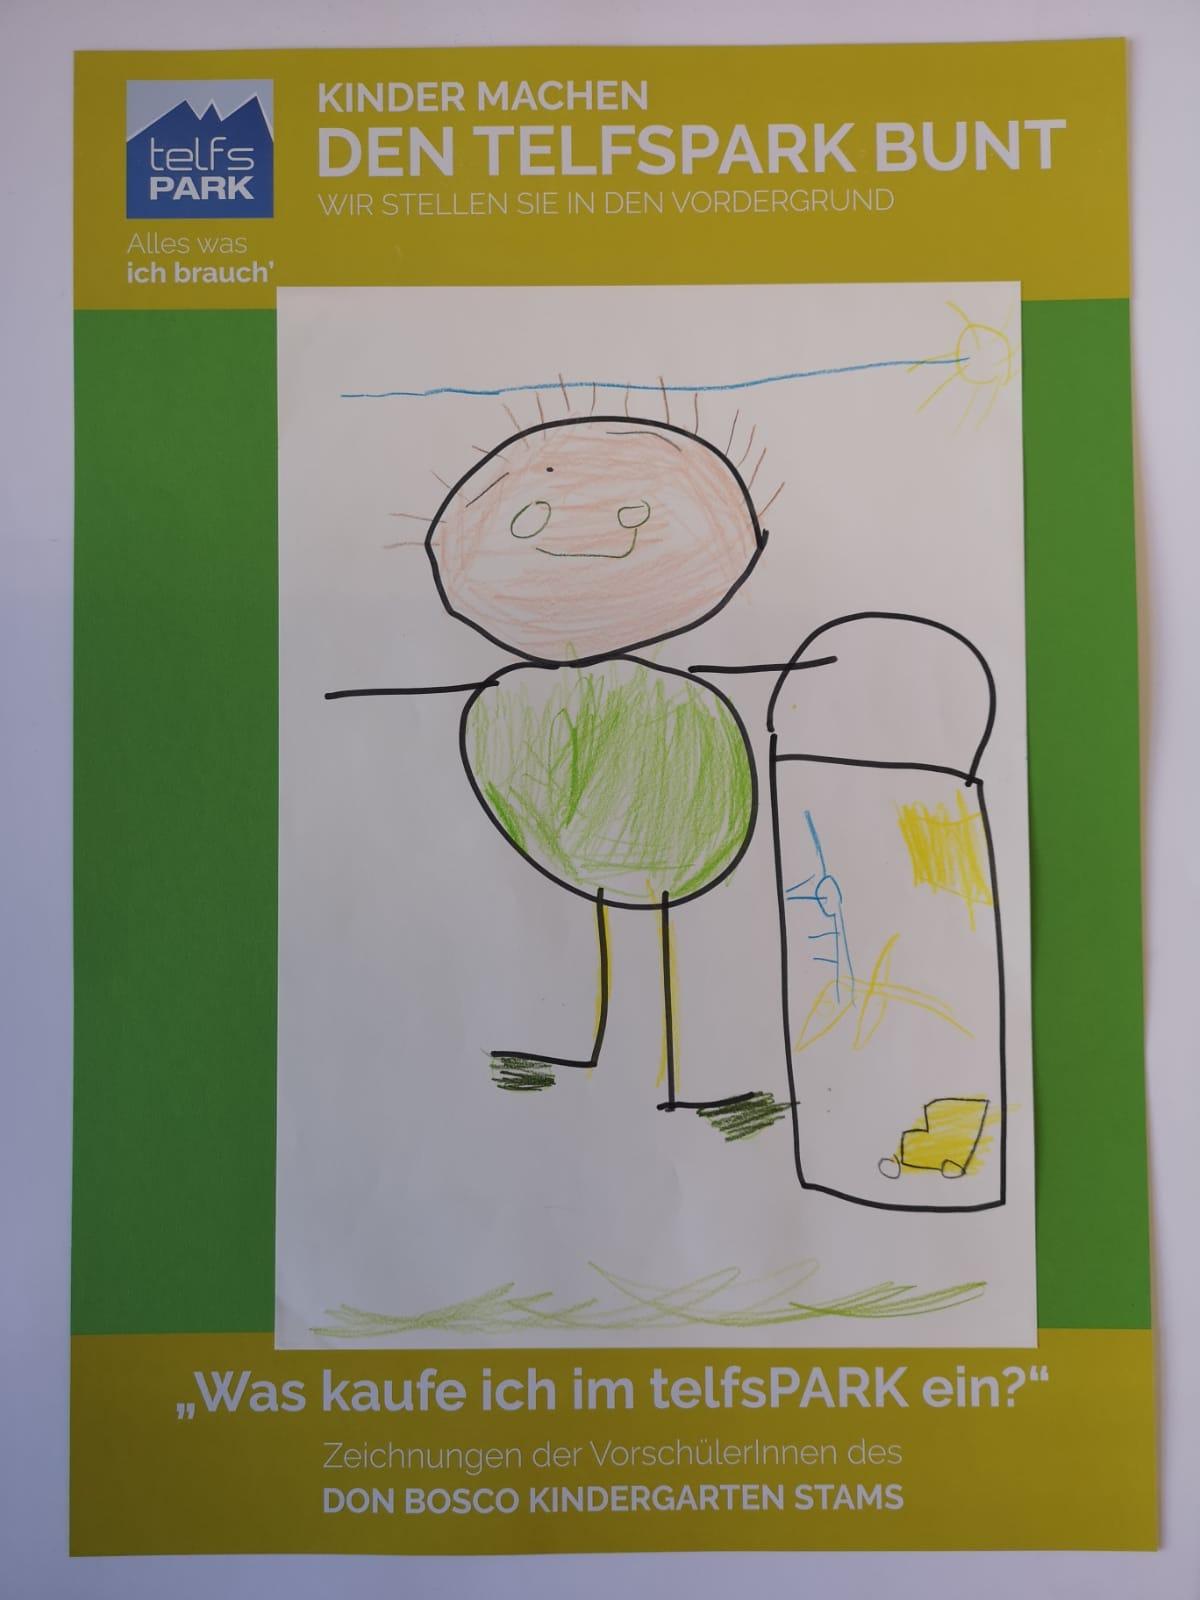 kindergarten-stams-5.jpg